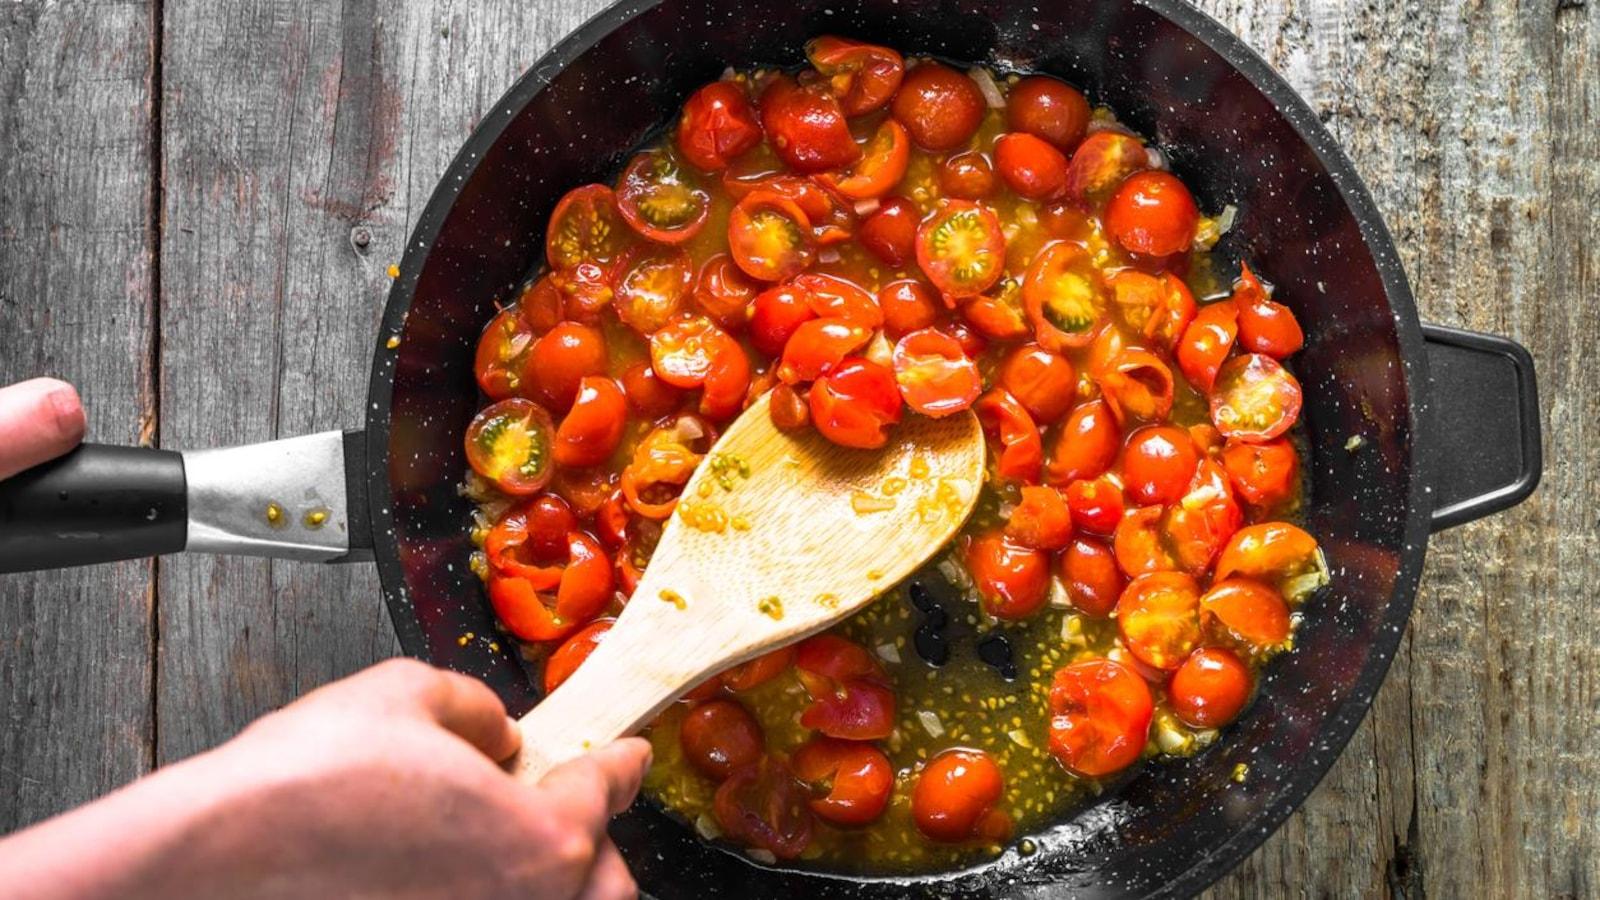 Une personne fait frire des tomates cerises dans une poêle.